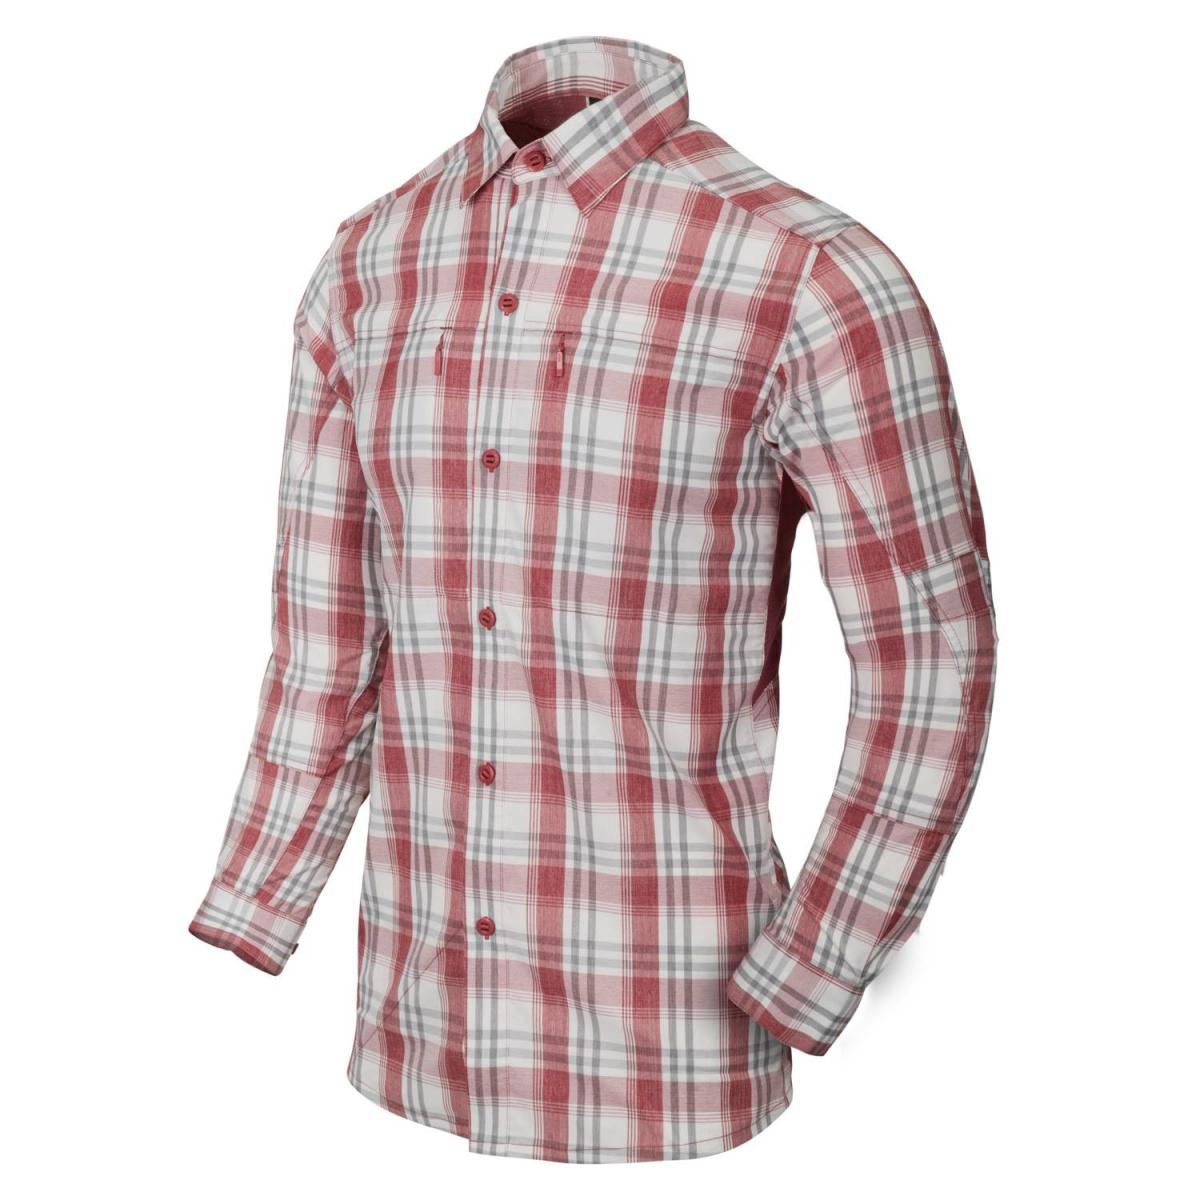 Košile TRIP dlouhý rukáv RED PLAID - zvìtšit obrázek